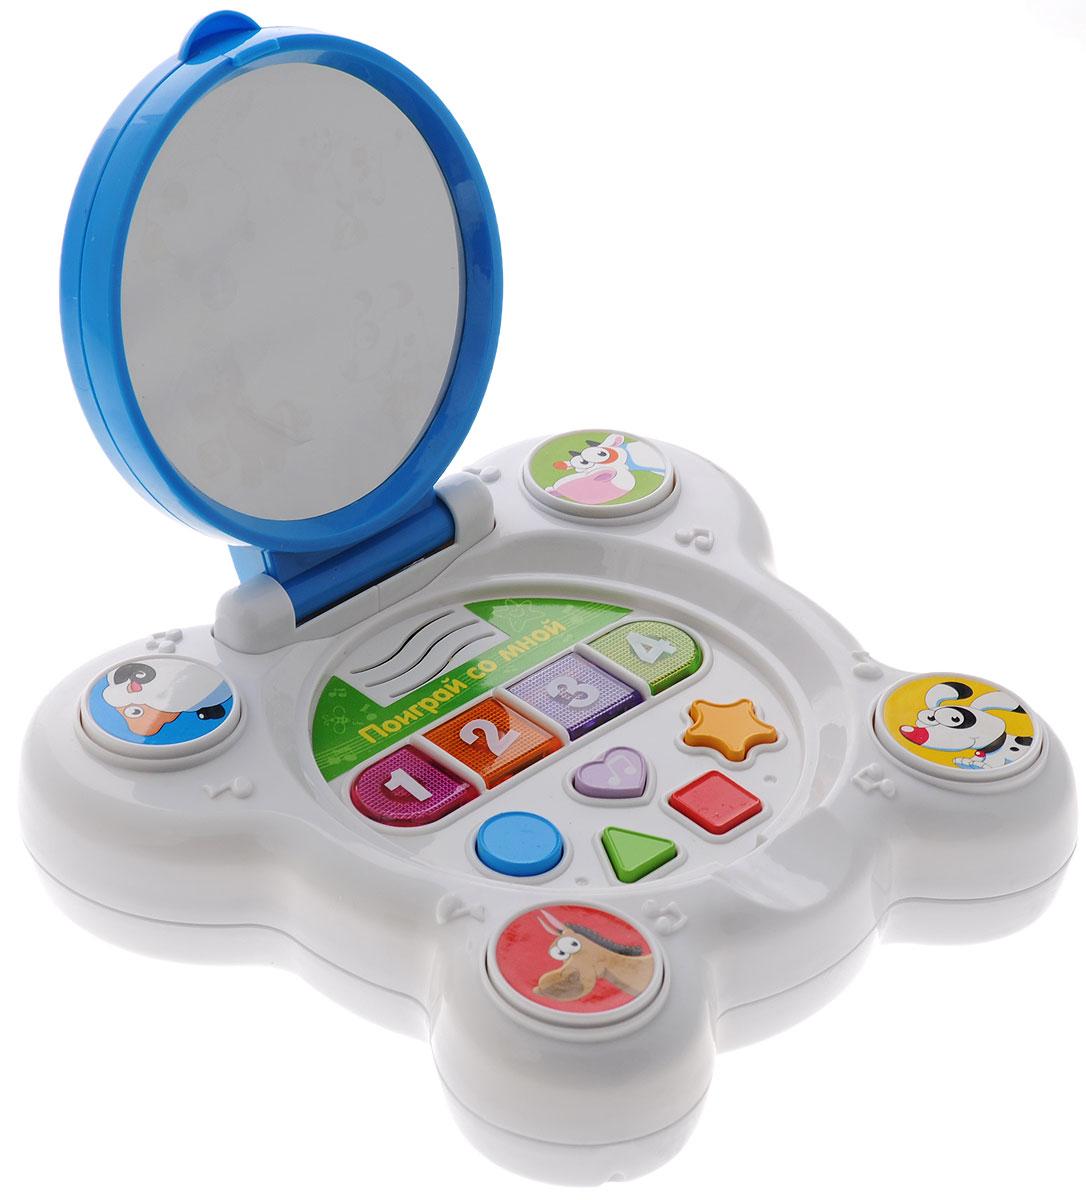 Mommy Love Развивающая игрушка Чудо-зеркальцеWD3608Развивающая игрушка Чудо-зеркальце со звуковыми и световыми эффектами, непременно понравится вашему малышу и станет для него любимой игрушкой. Чудо-зеркальце - это совершенно безопасное для вашего ребенка зеркальце, которое работает от батареек. Оно большое, ровное и совершенно не искажает изображение. На поверхности зеркальца есть кнопки, при нажатии на которые ребенок сможет наблюдать, как появляются изображения веселых и забавных зверей. При этом он также будет слышать голоса животных. Кроме того, Чудо-зеркальце поможет ребенку освоить основные формы и цвета, научит считать до 4-х. Говорить зеркальце умеет на двух языках - русском и английском. Оно может работать в нескольких режимах. В случайном режиме, чтобы развлечься, ребенок слышит различные забавные звуки. При нажатии кнопок с цифрами звучат веселые мелодии. Если нажать кнопку с изображением животного, то в зеркале появится его портрет и ребенок услышит кто именно там появился. Порадуйте...